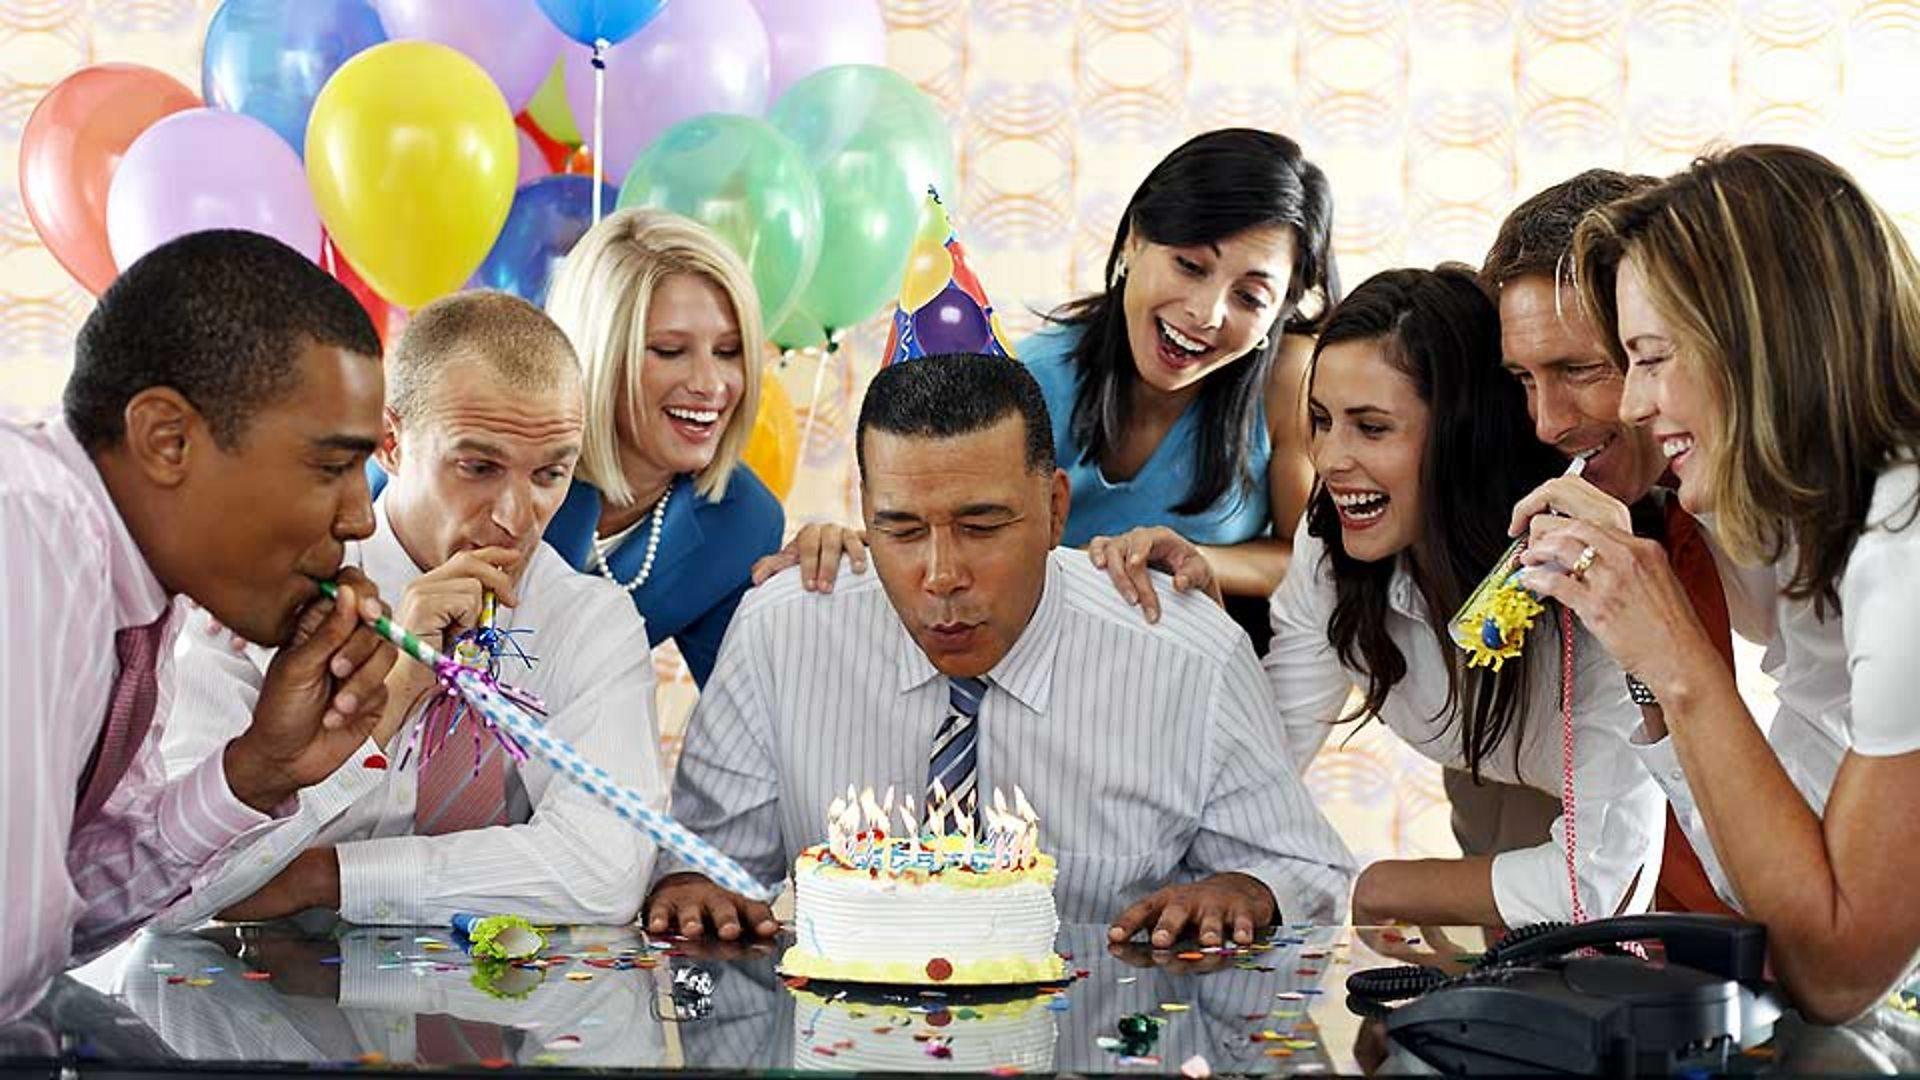 Застольные конкурсы на день рождения коллеге